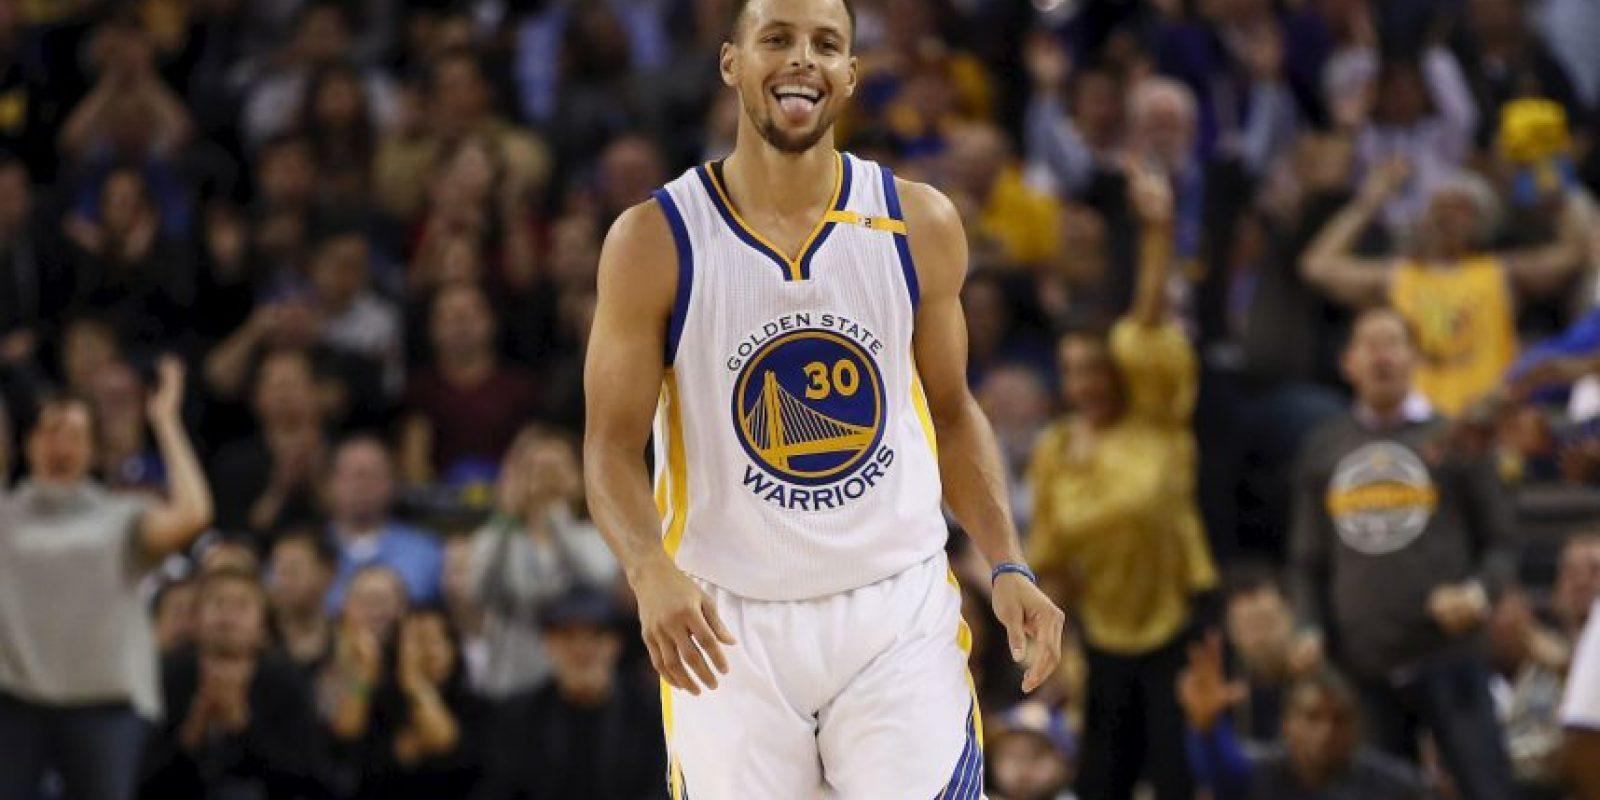 Es el jugador de los Golden State Warriors con mejor promedio en tiros libres: 0.934 (2010-2011) Foto:Getty Images